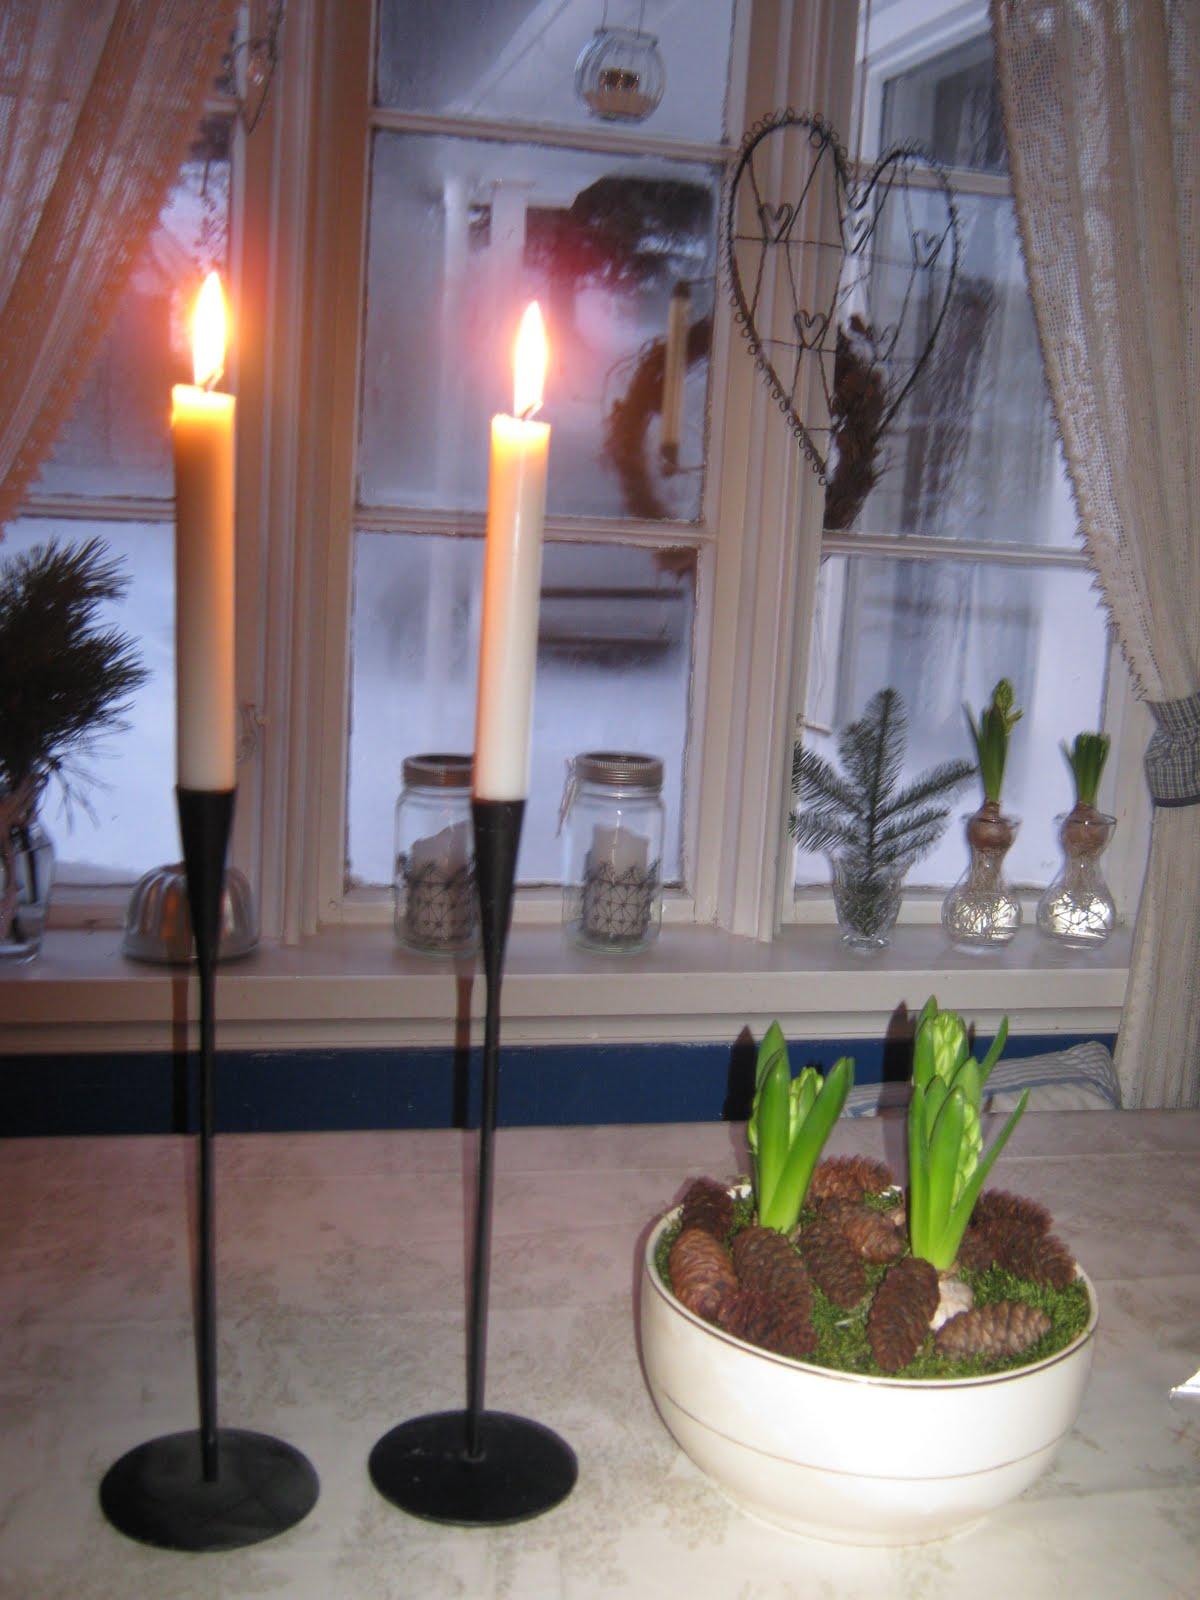 miras hj rne 2 s ndag i advent. Black Bedroom Furniture Sets. Home Design Ideas